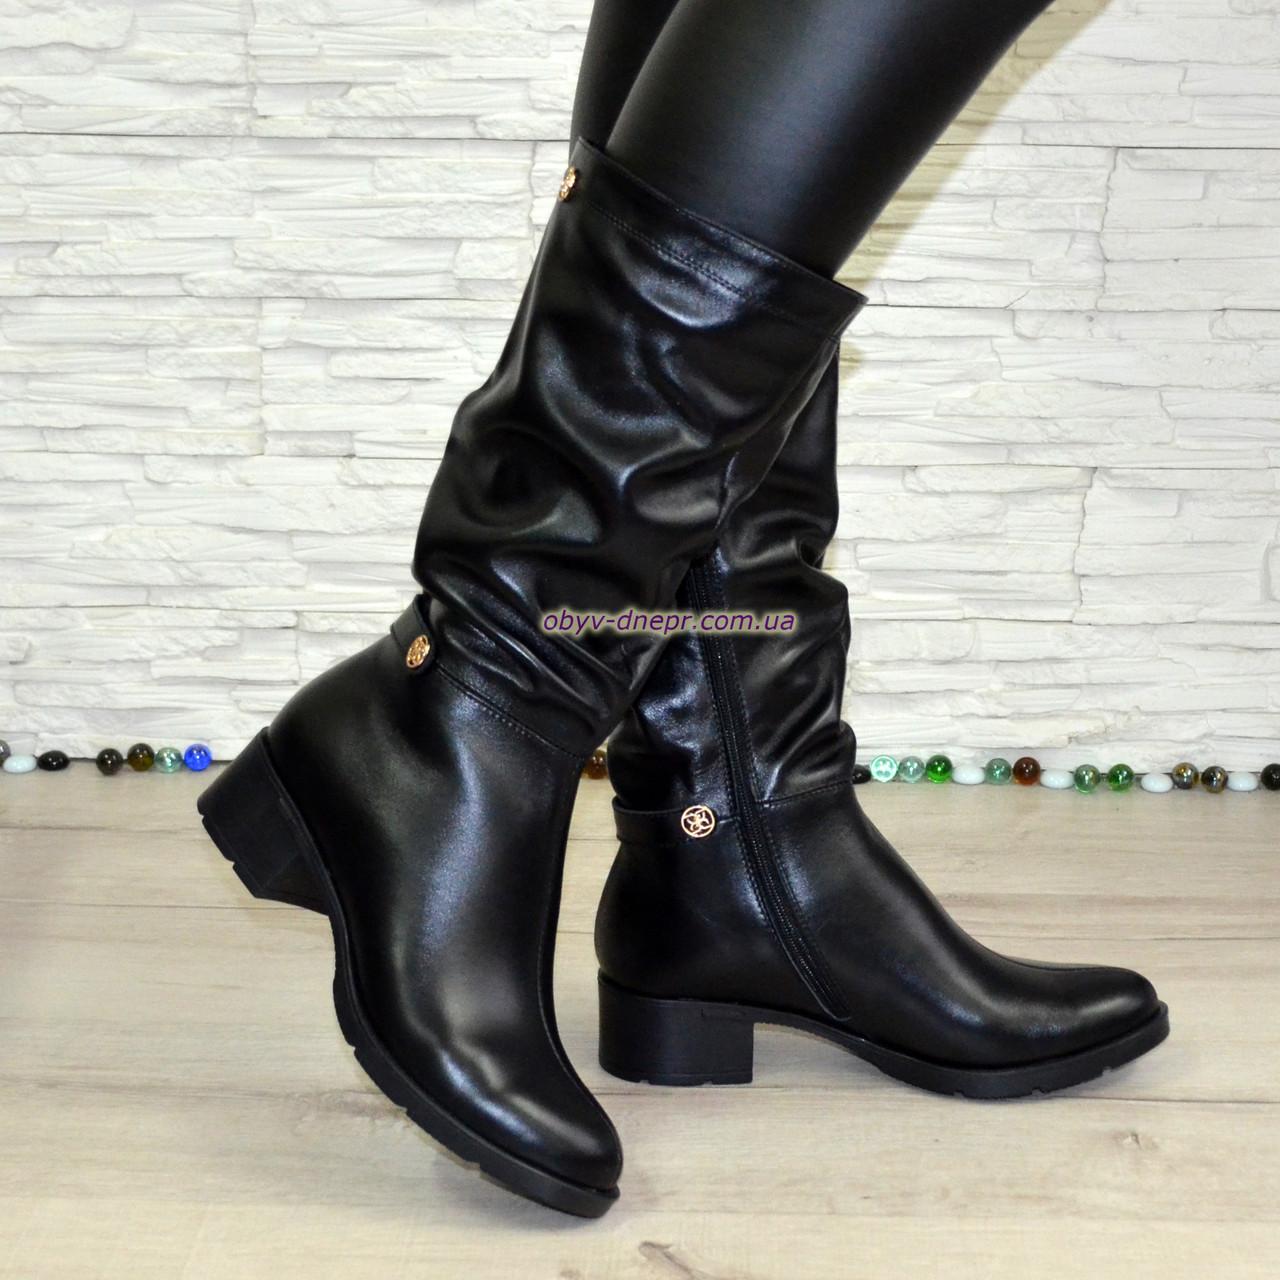 Сапоги кожаные демисезонные на устойчивом каблуке